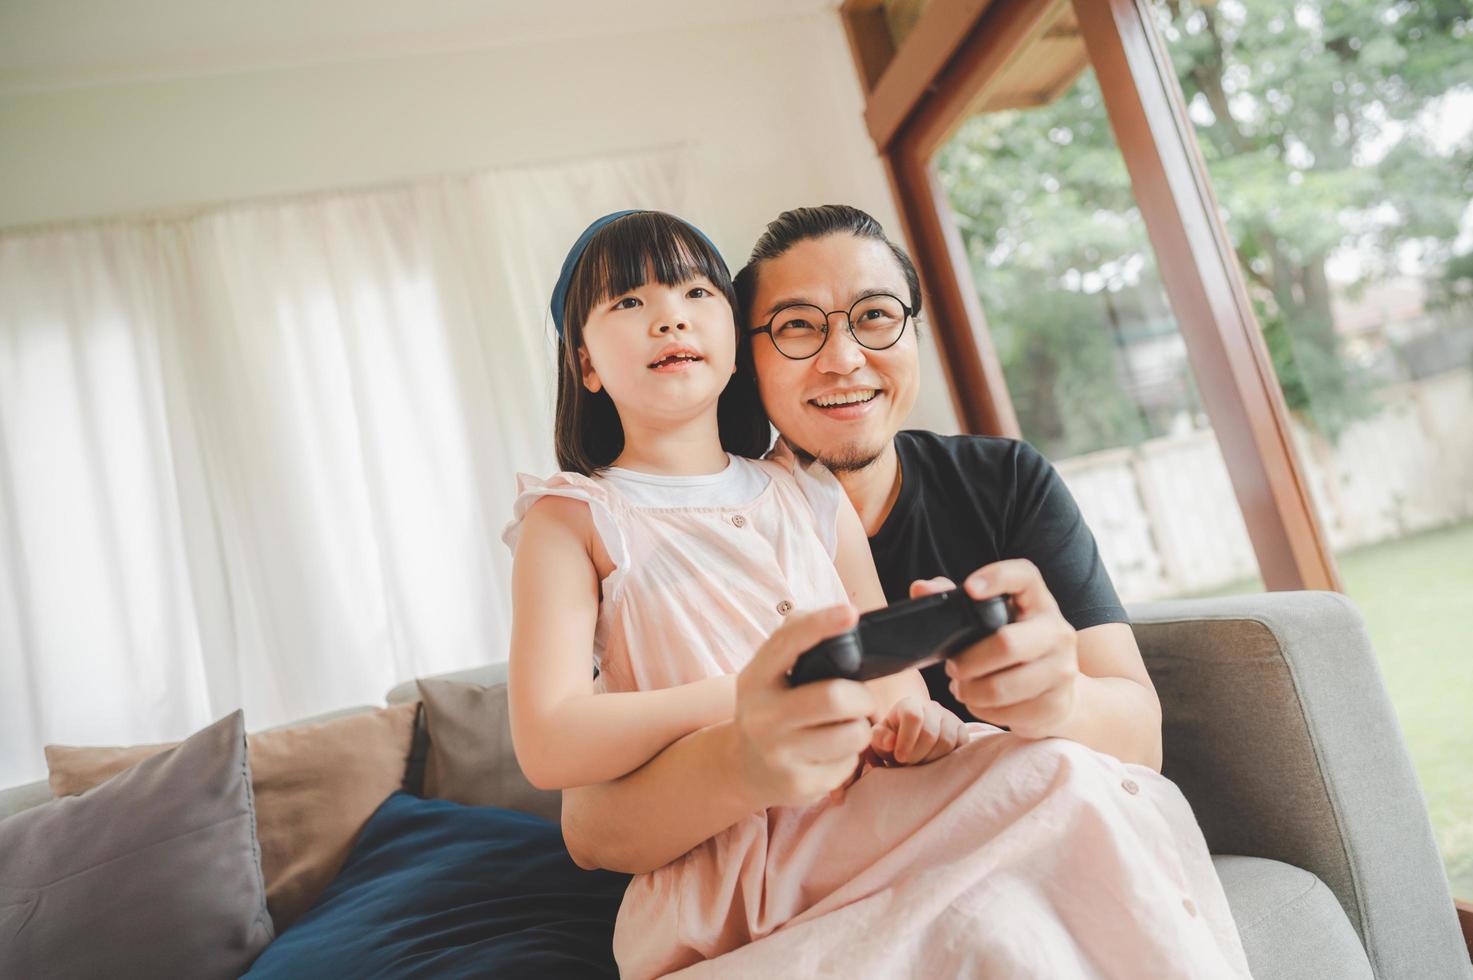 padre e figlia che giocano al videogioco foto